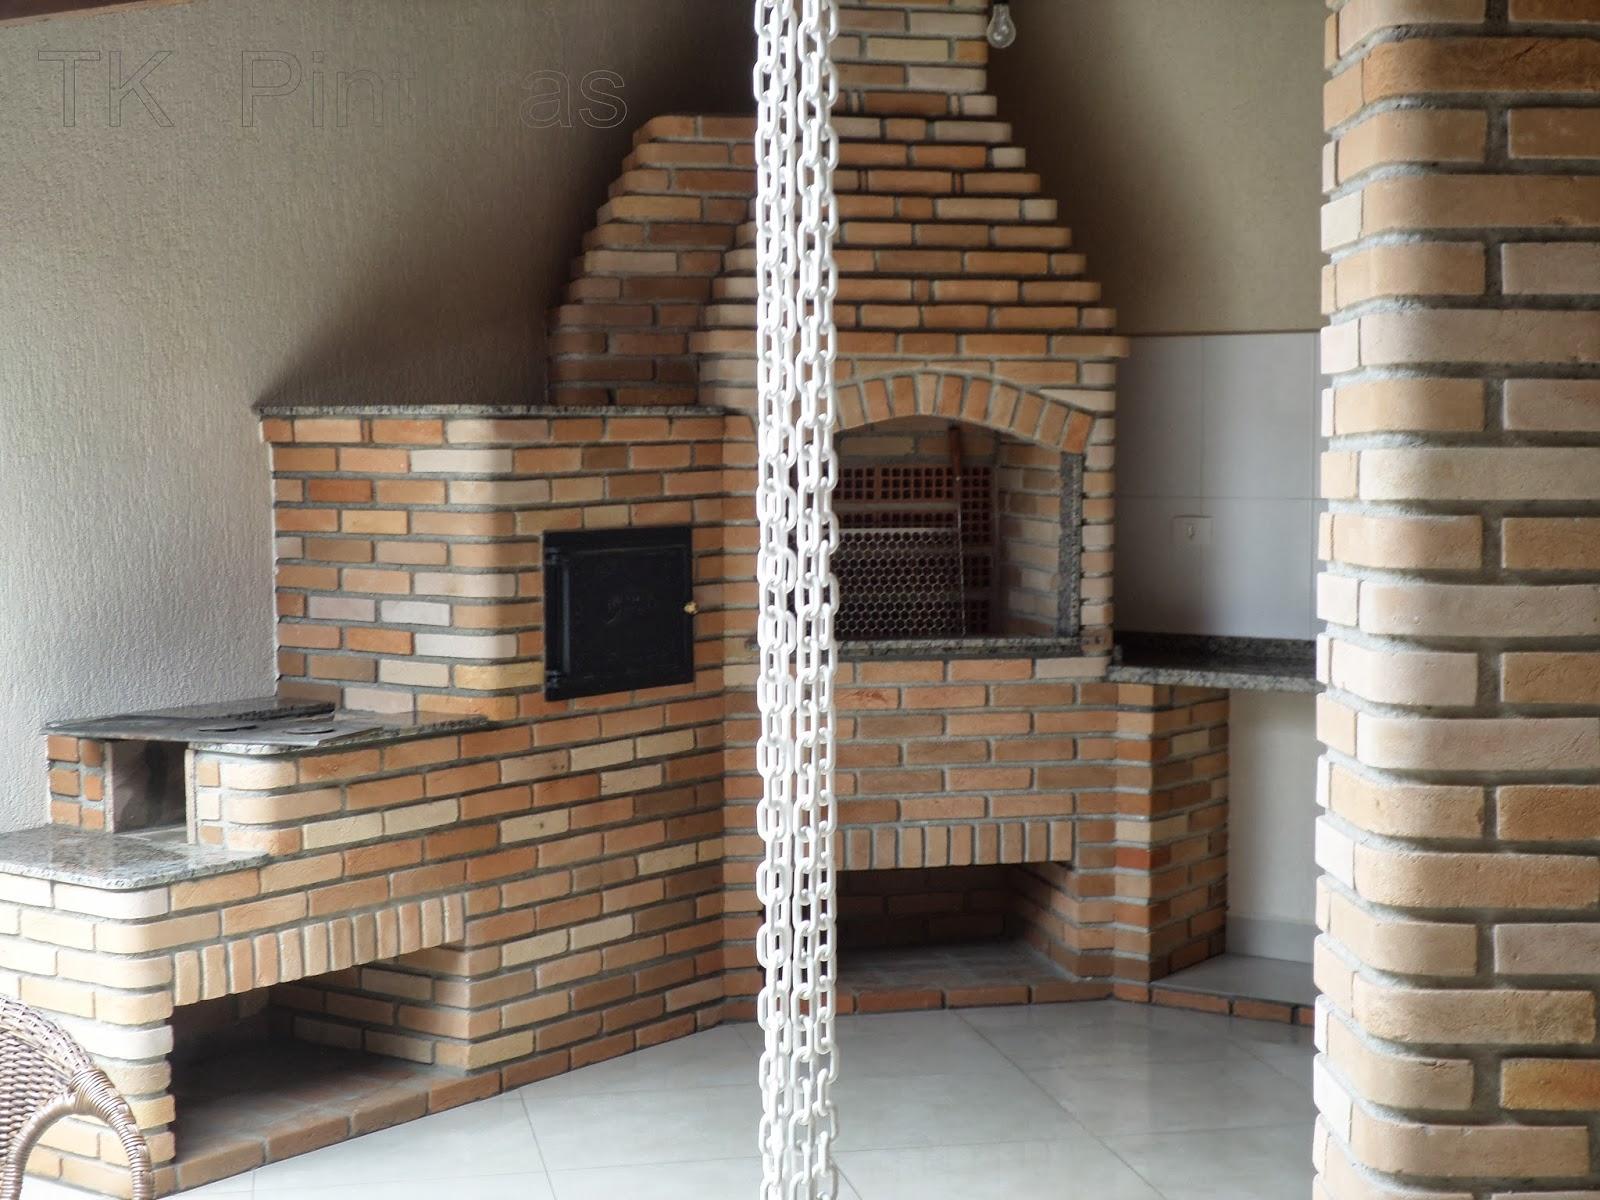 de 1mm na parede acima da pia cerâmica com kit decorativo #826549 1600 1200